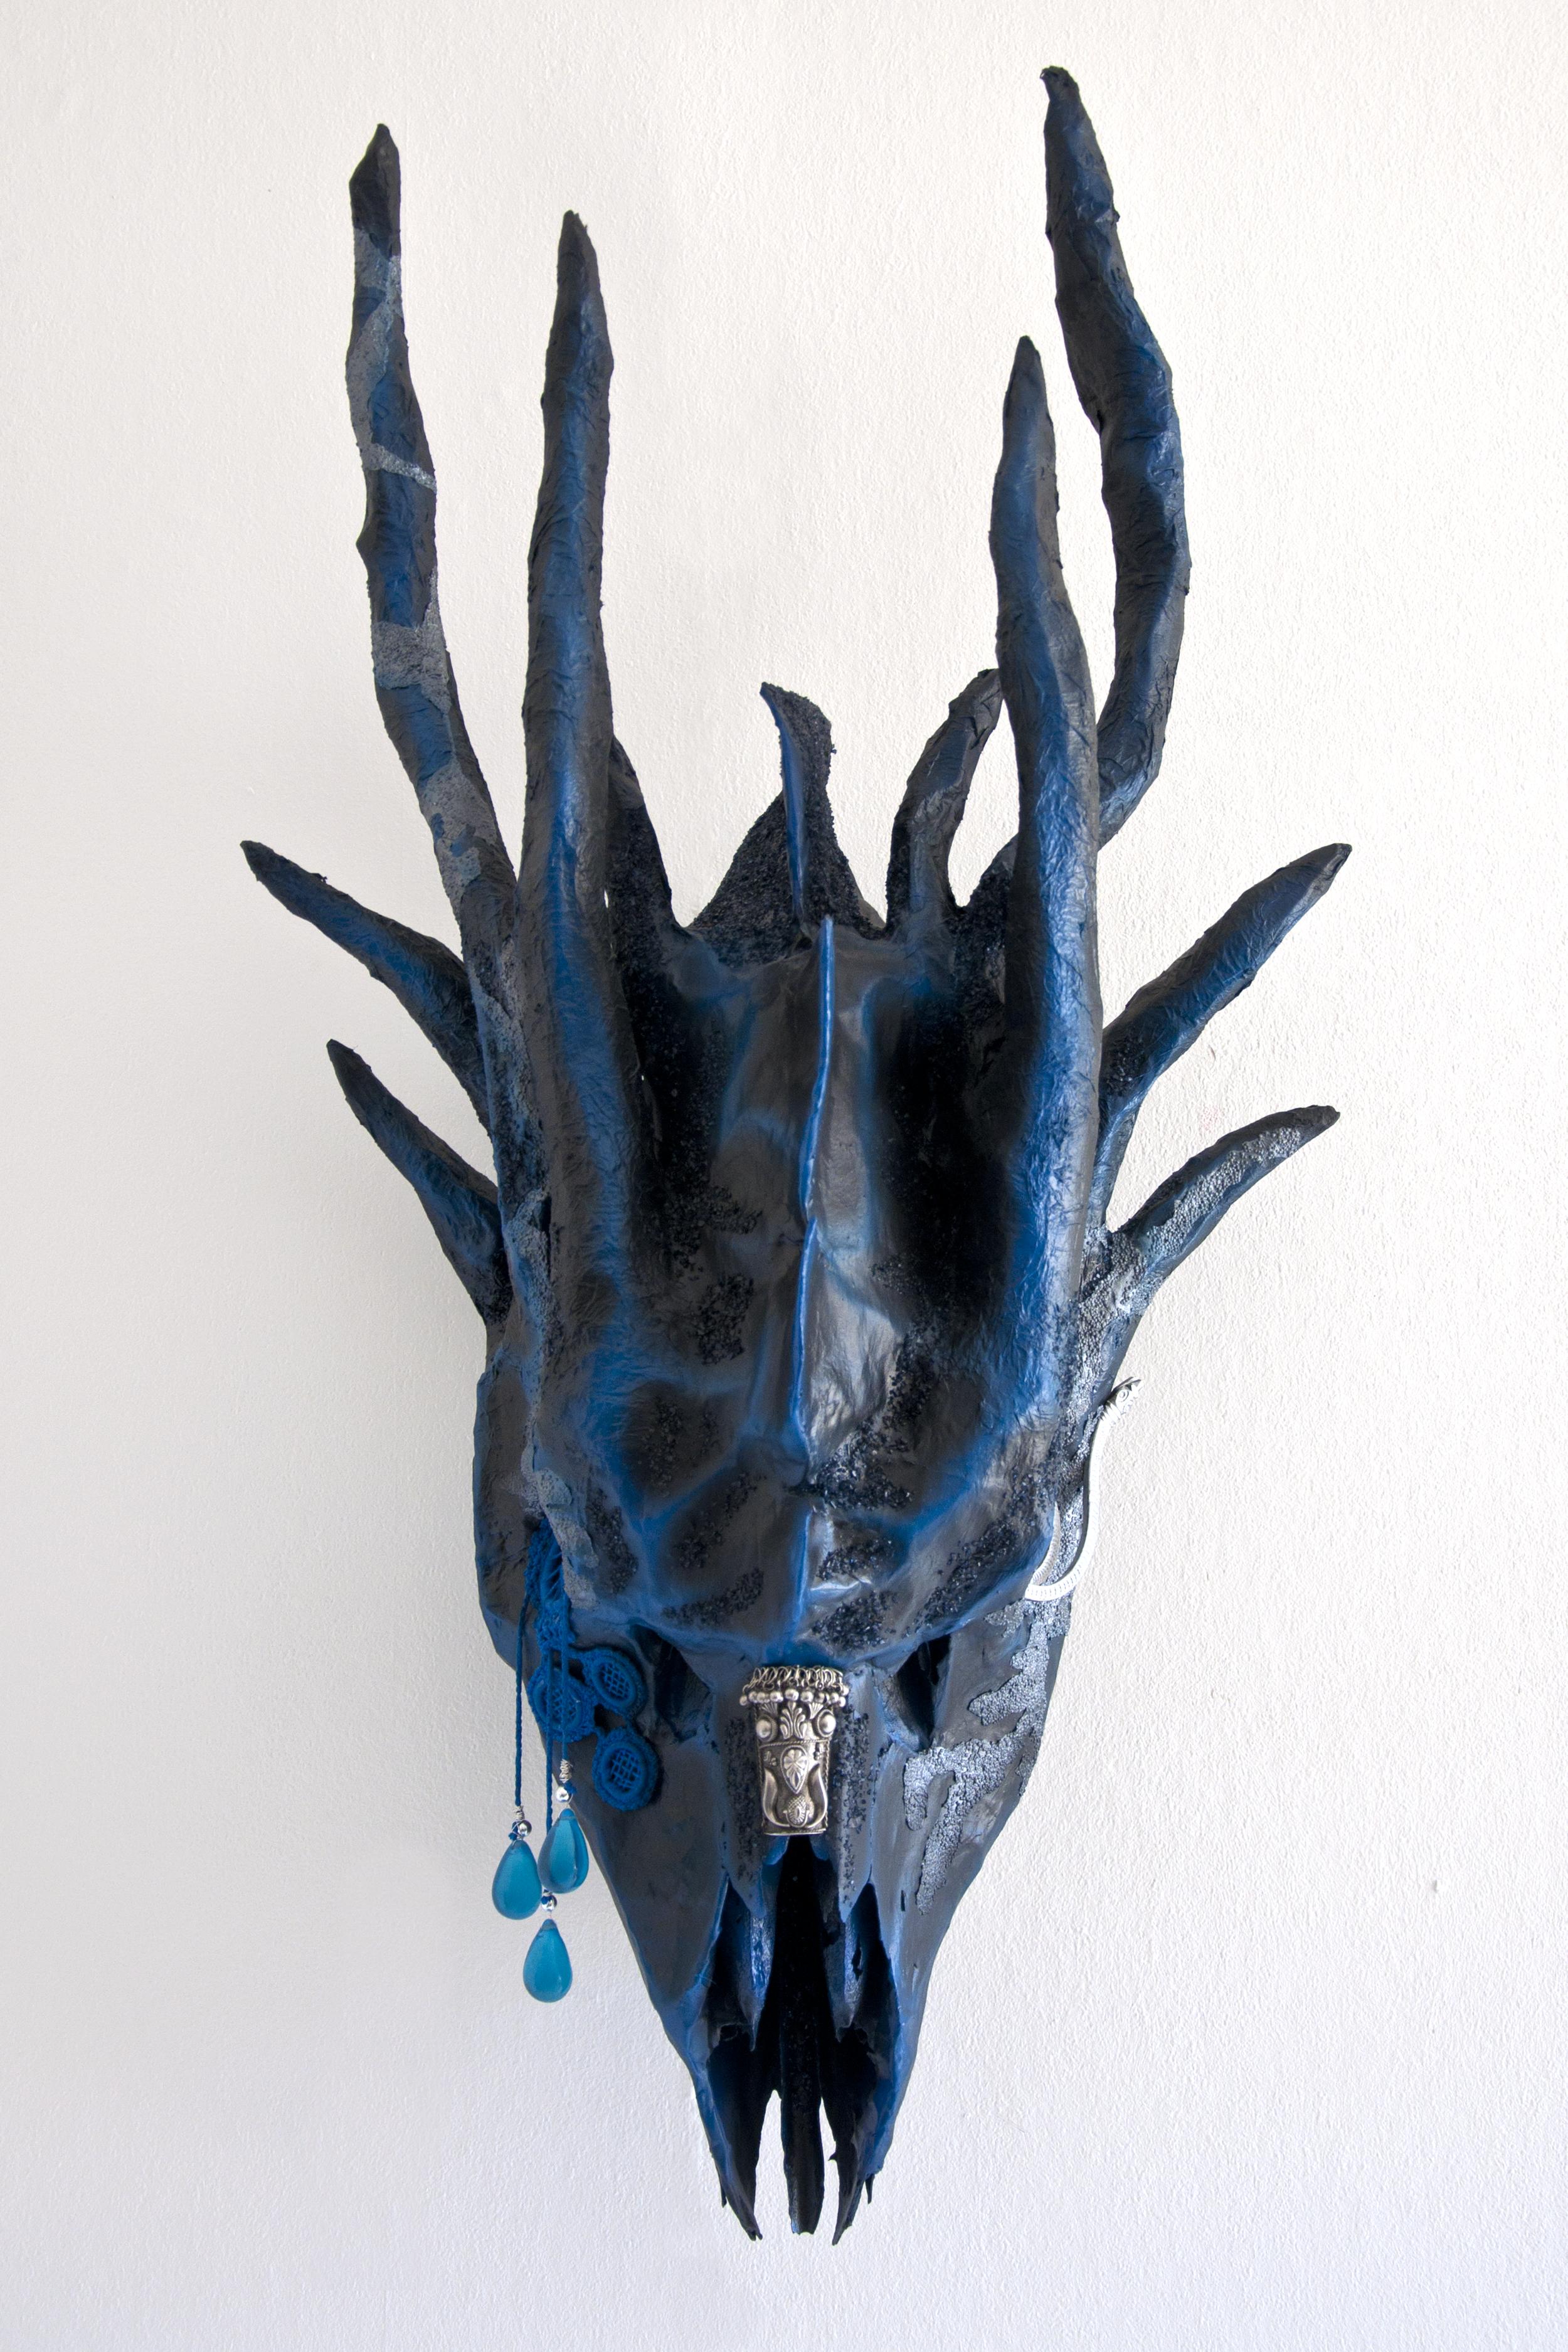 petra-shara-stoor-skull-art-nea-1.png